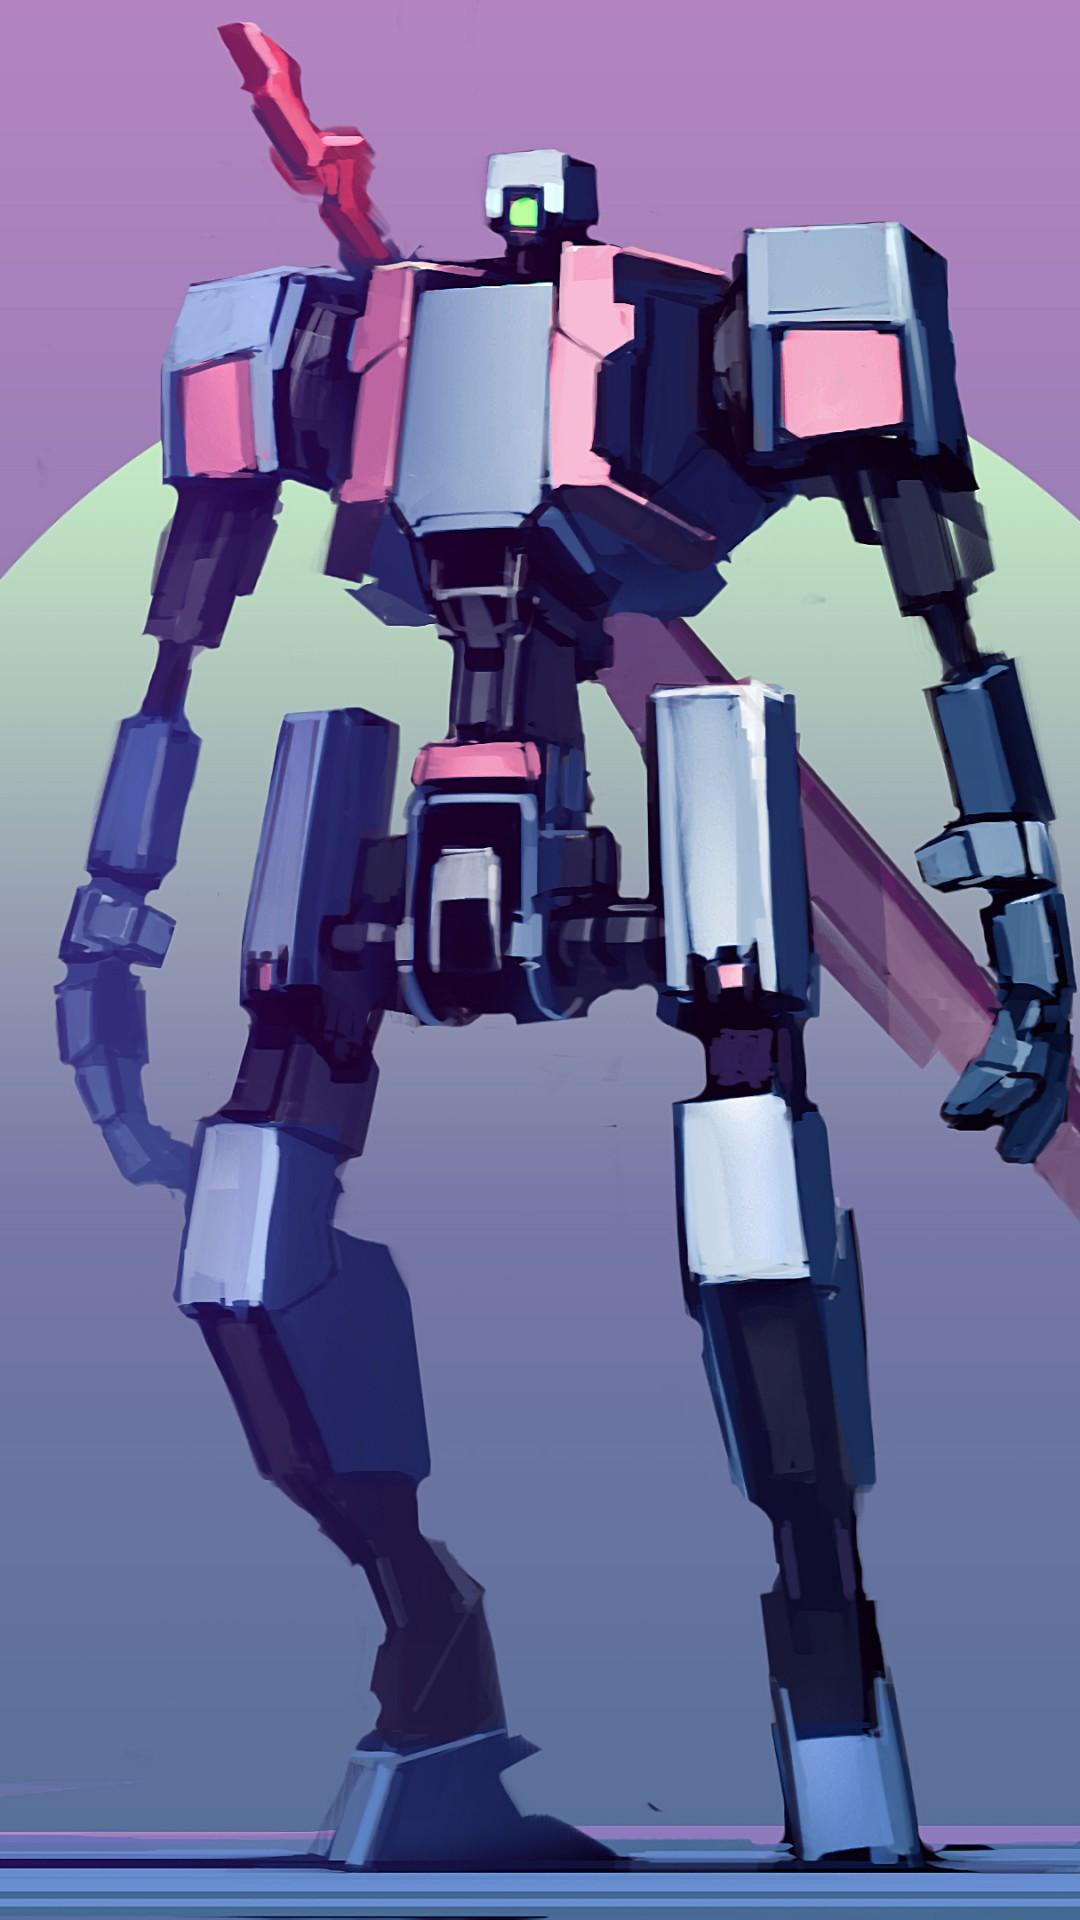 Wallpaper Robot Mecha Battle Robot 4k Hd Art 13441